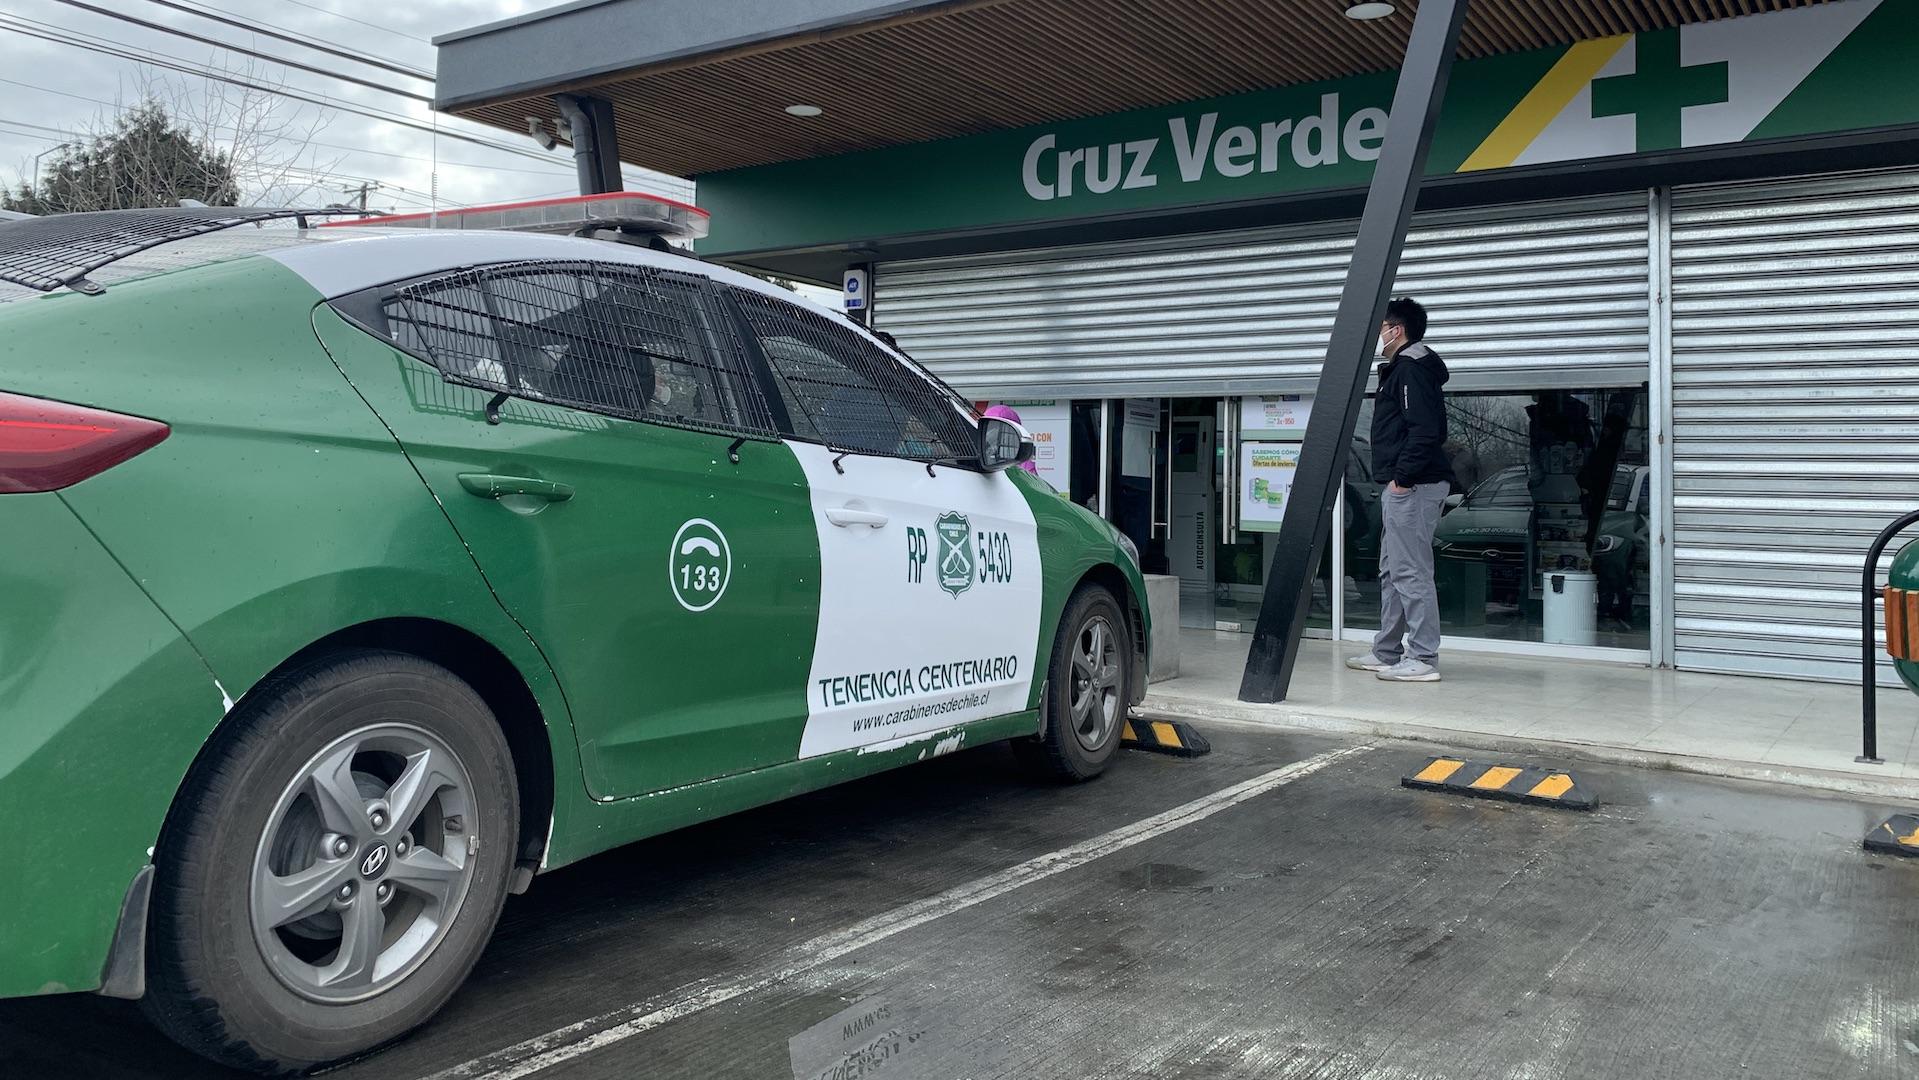 Robo Farmacia Cruz Verde en Los Ángeles: No pudieron abrir la caja fuerte